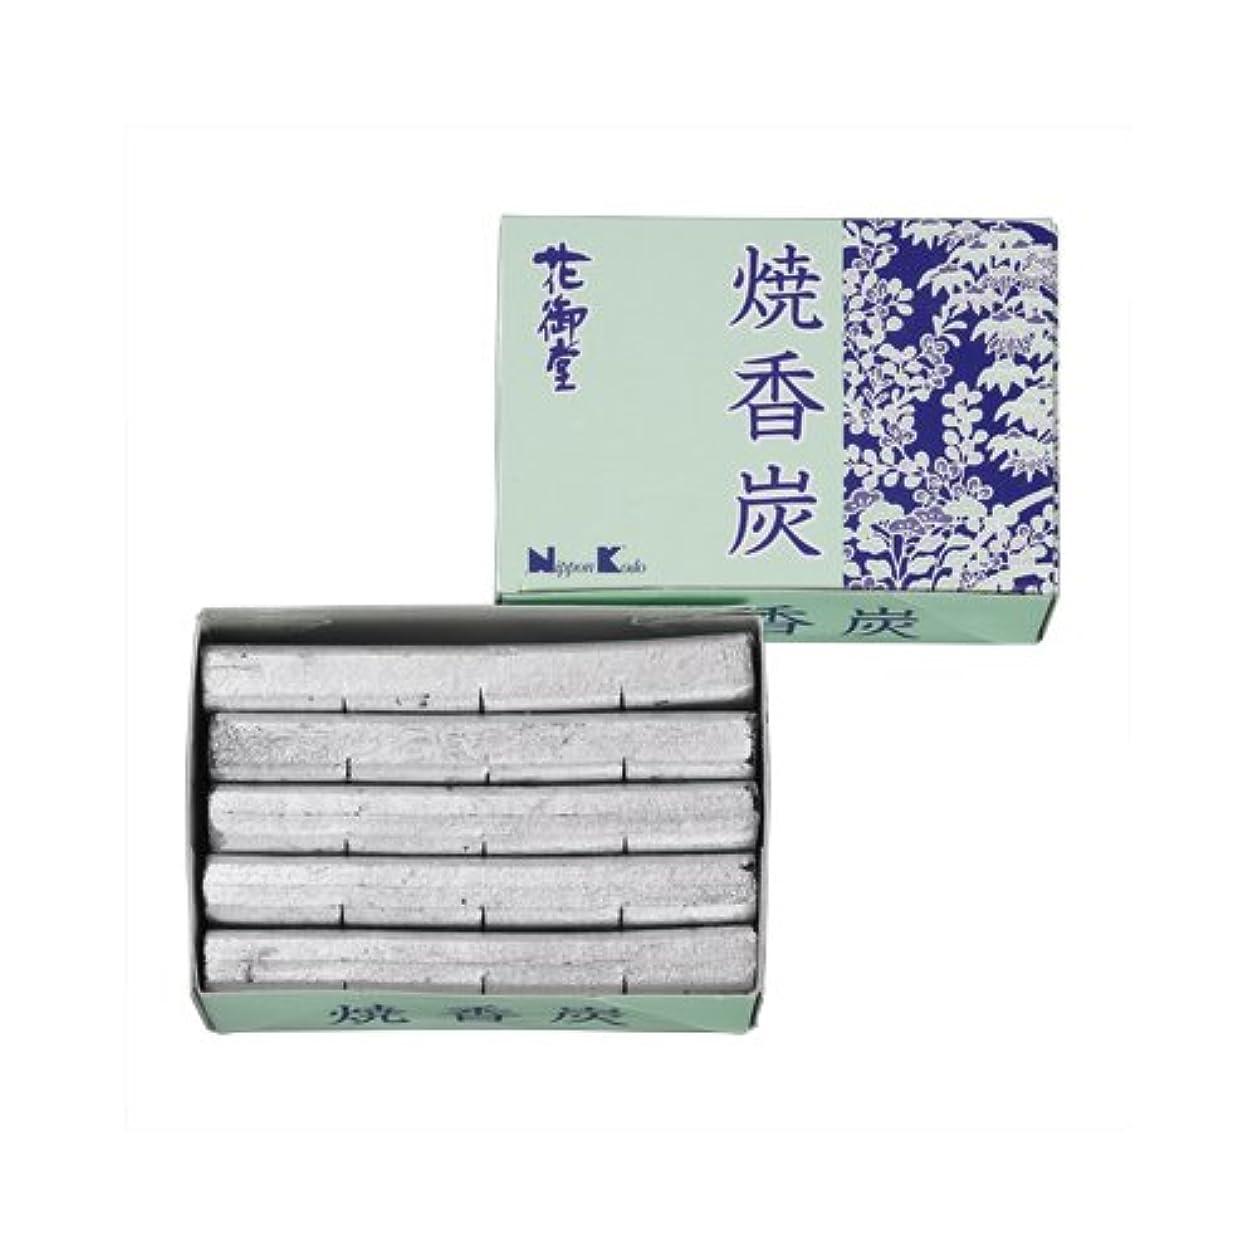 医療のリスク倍率花御堂 焼香炭 #92011